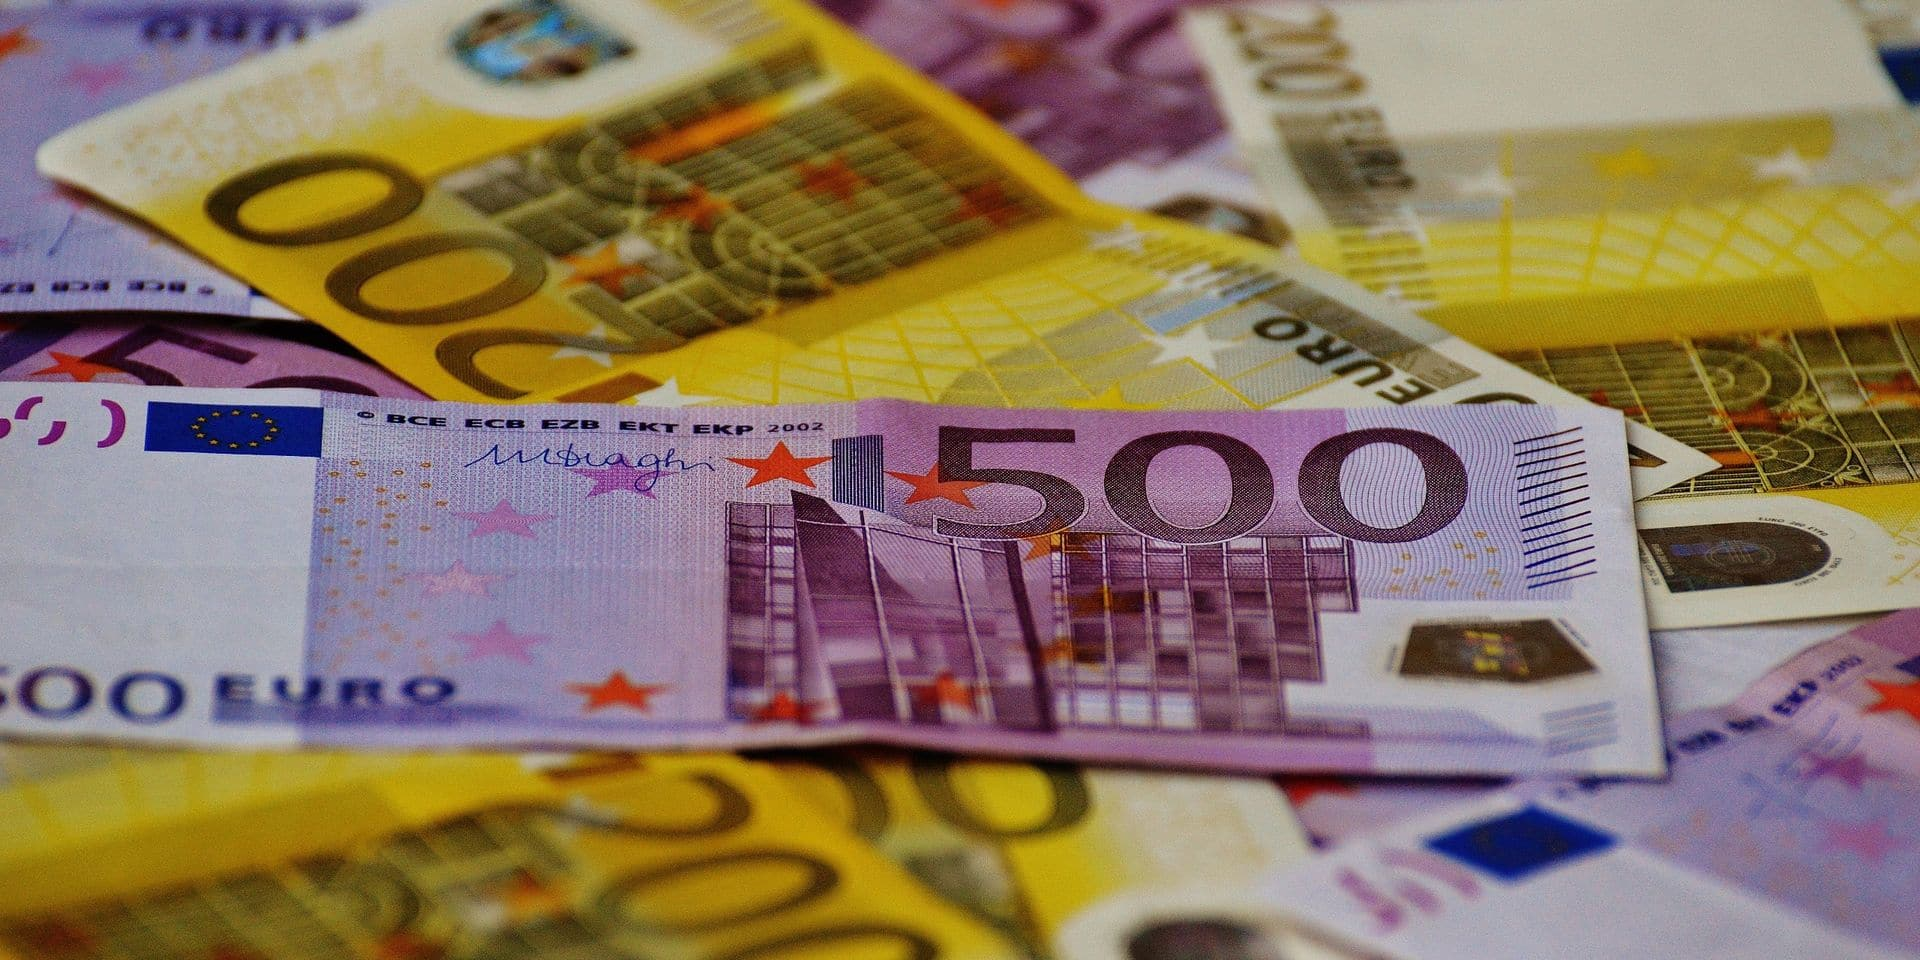 La gestion de la crise a déjà coûté 15 milliards d'euros